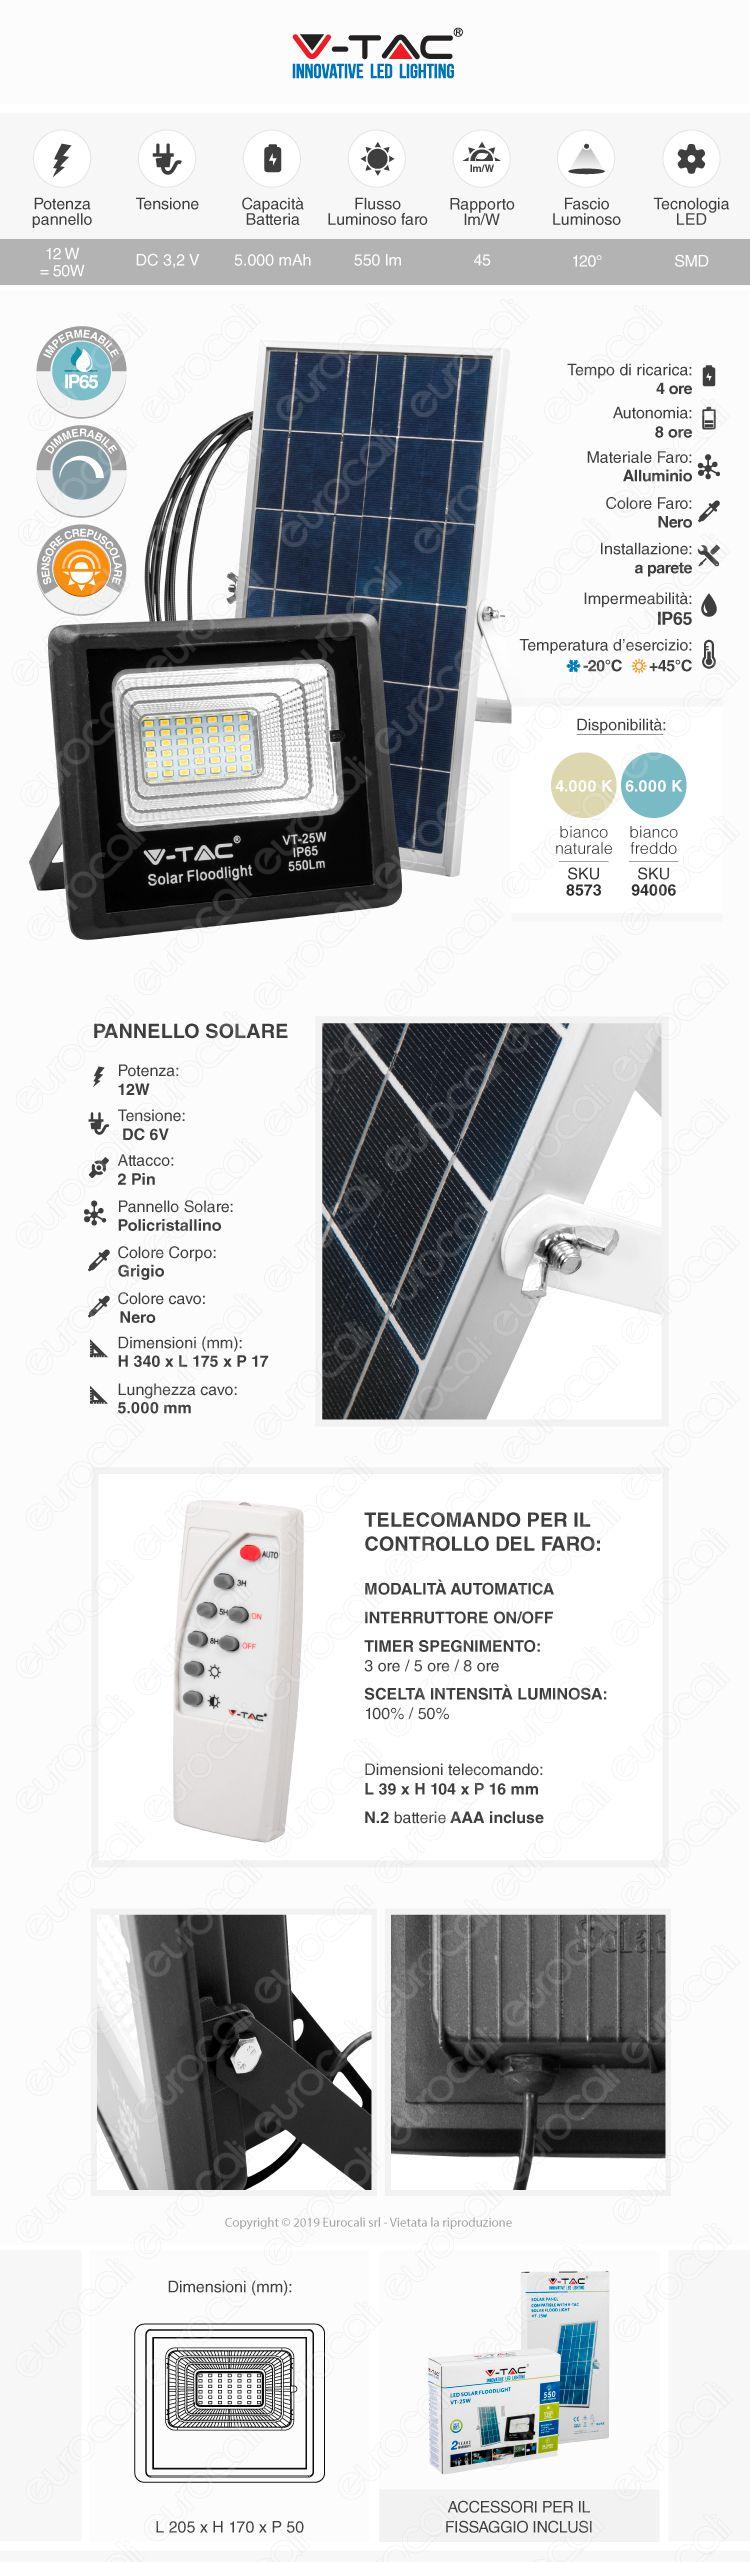 V-Tac VT-25W Faro LED 25W a Batteria con Pannello Solare e Telecomando